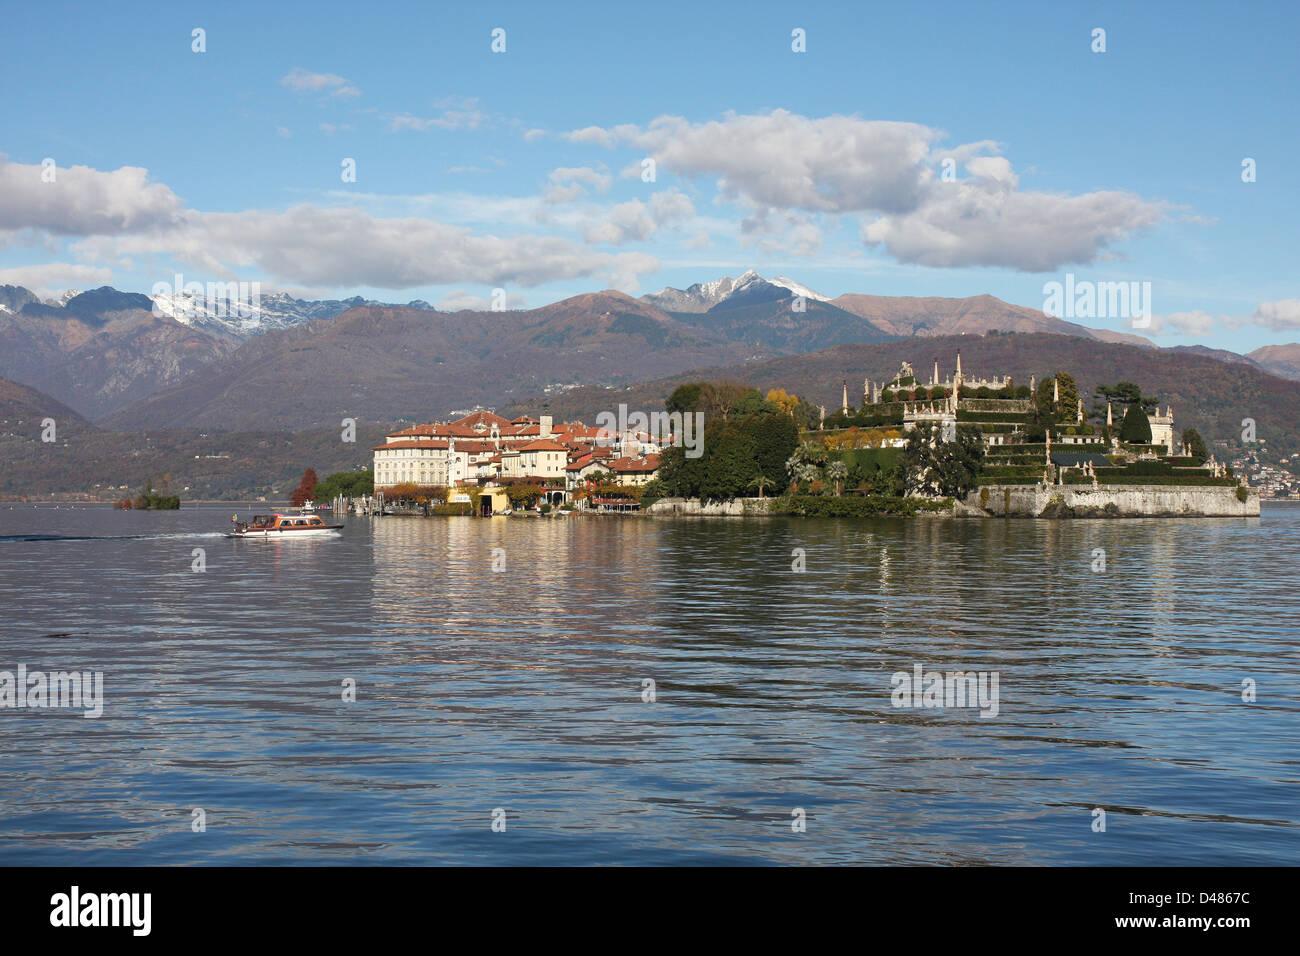 Italy, Lake Maggiore, Bella Island (Isola Bella) - Stock Image